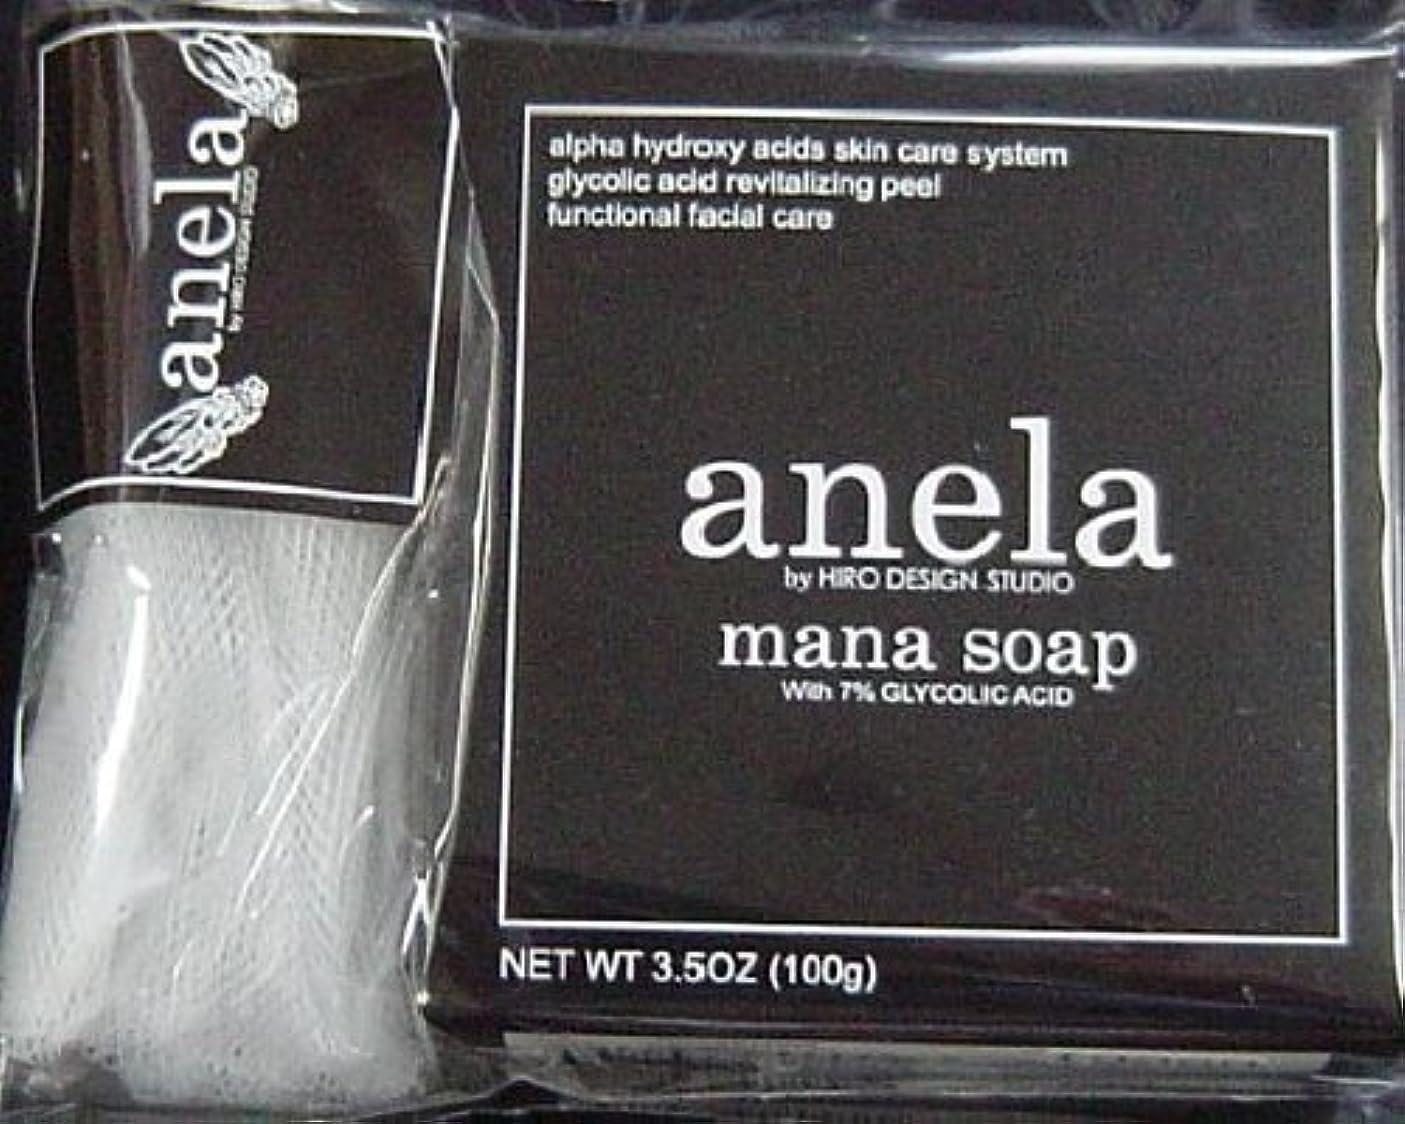 差別化する壮大マイナスanela アネラ マナソープ(泡立てネット付き) 100g ×3個セット